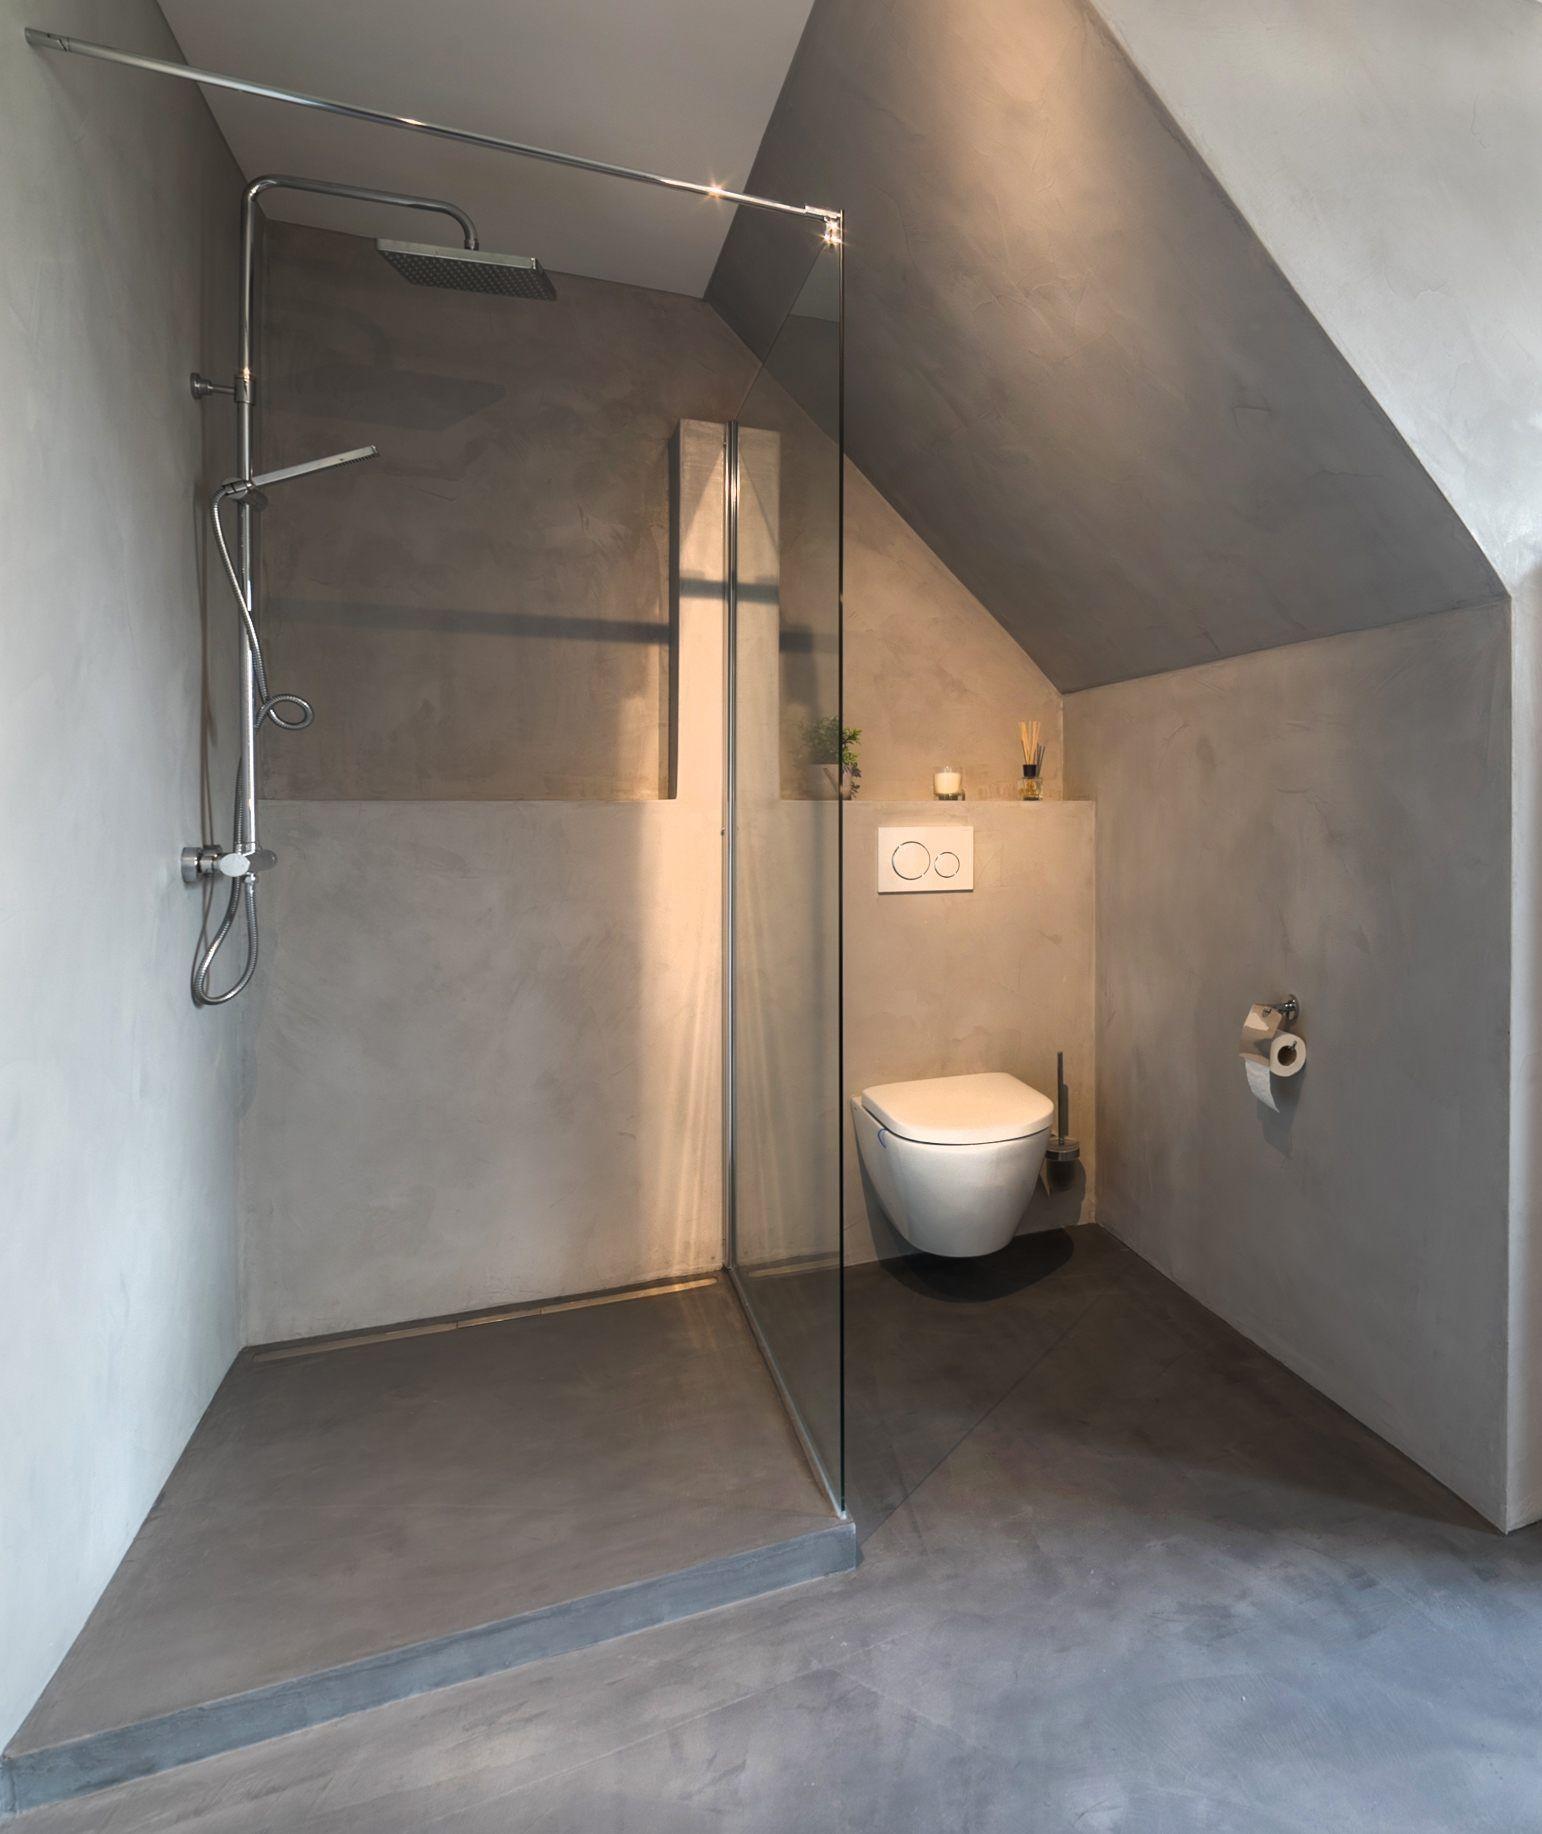 5 Beton Cire Bader Fugenloses Design Raumkonzept Trier Eintagamsee Badezimmer Renovieren Bad Renovieren Badezimmer